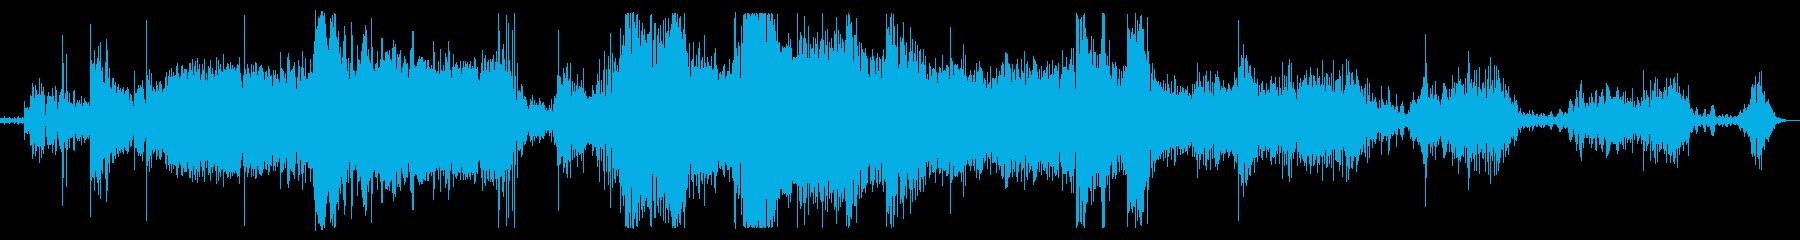 ロボットエイリアンモーフィング、メ...の再生済みの波形